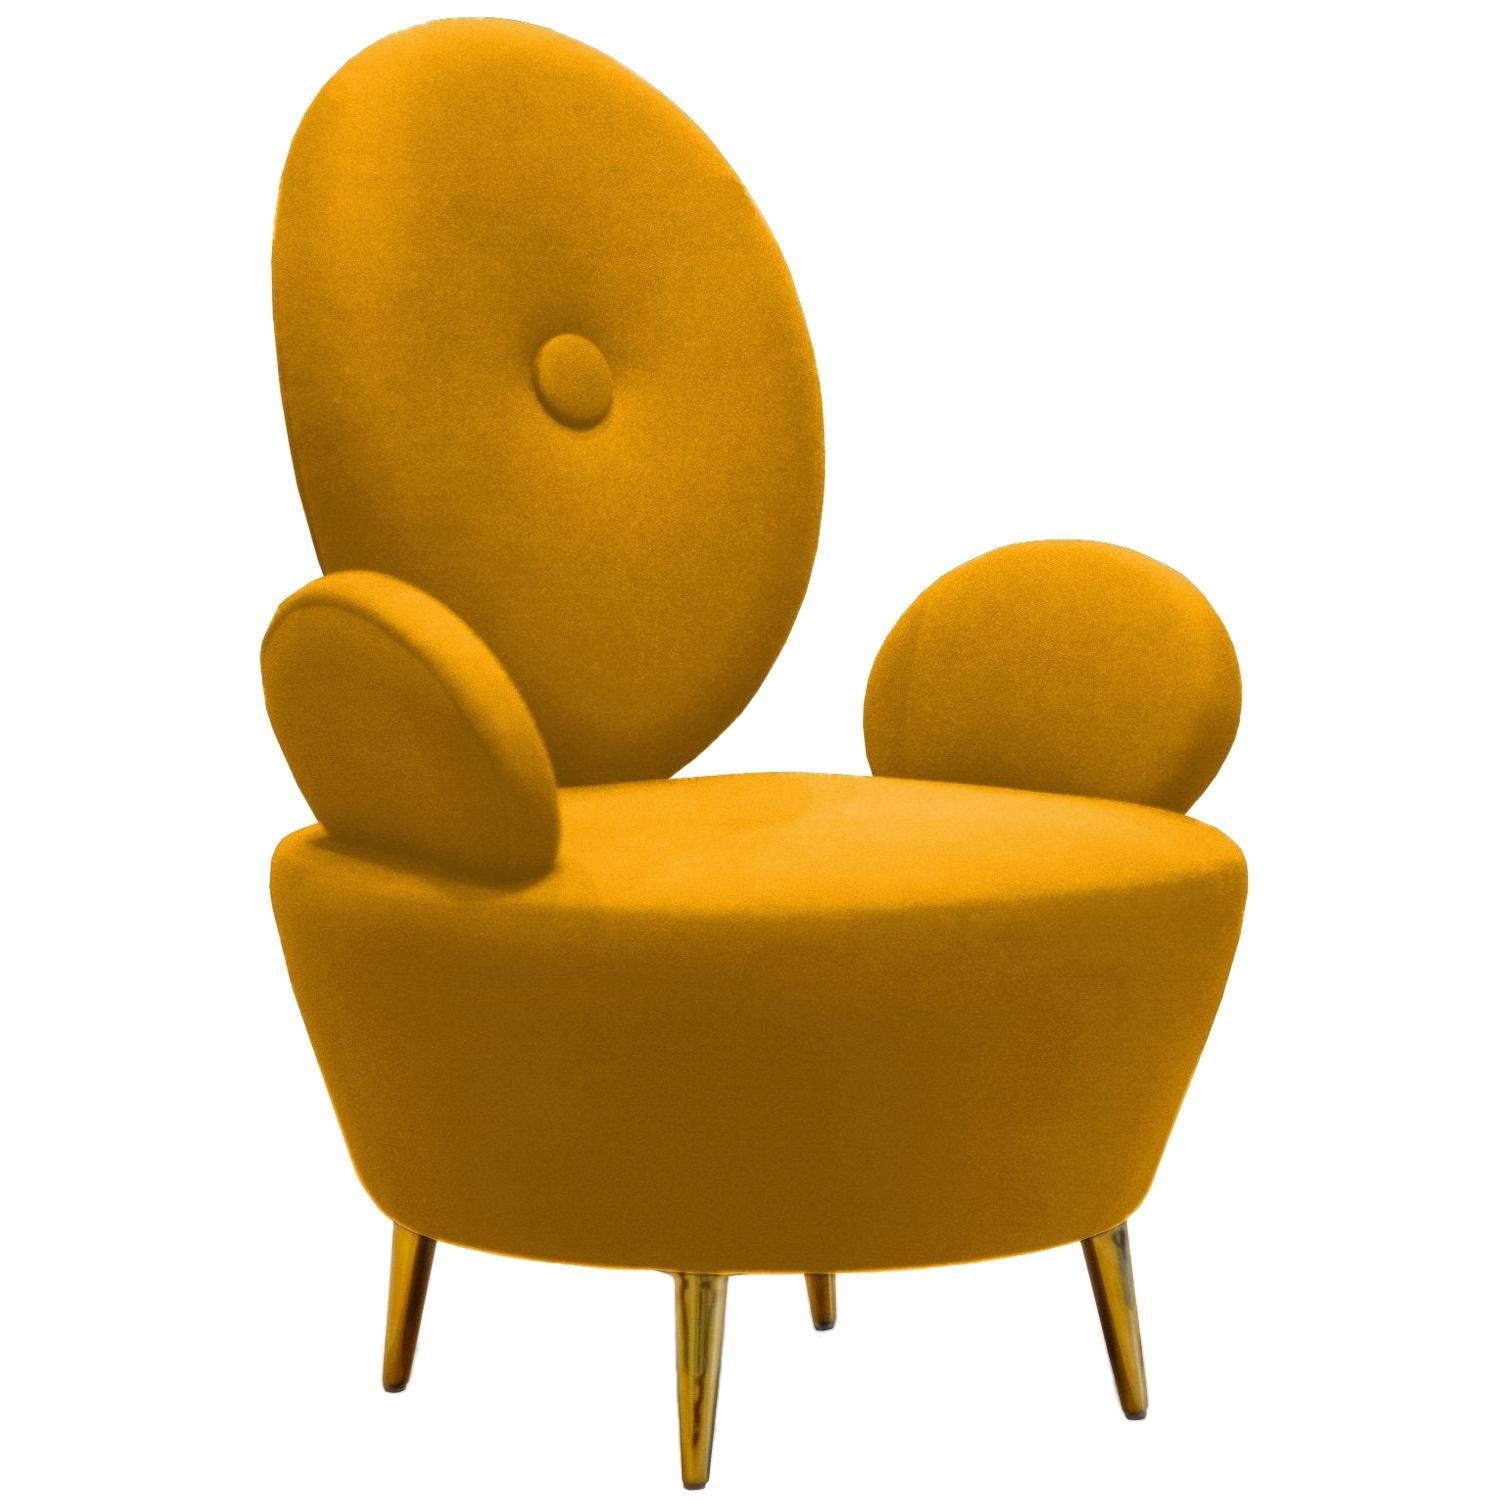 Ayi Armchair Designed by Thomas Dariel